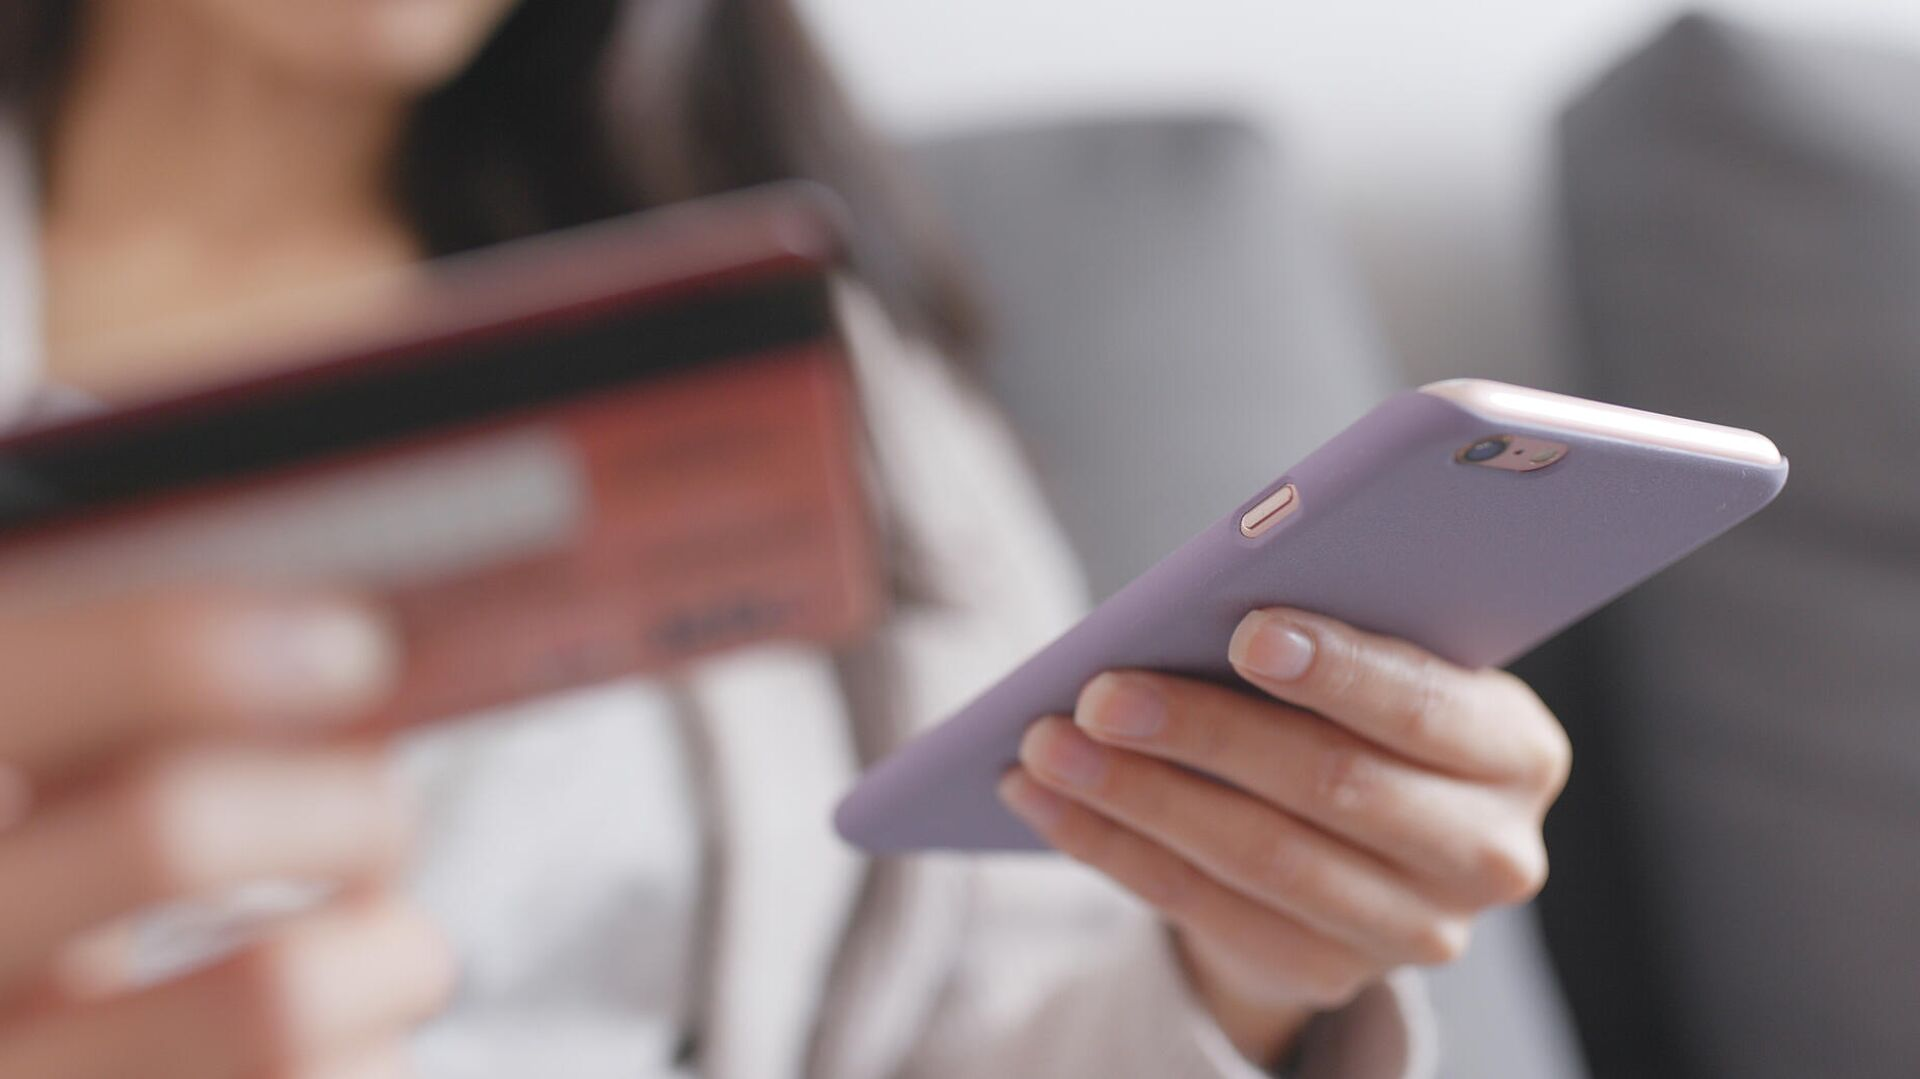 Девушка со смартфоном и банковской картой - РИА Новости, 1920, 02.09.2020